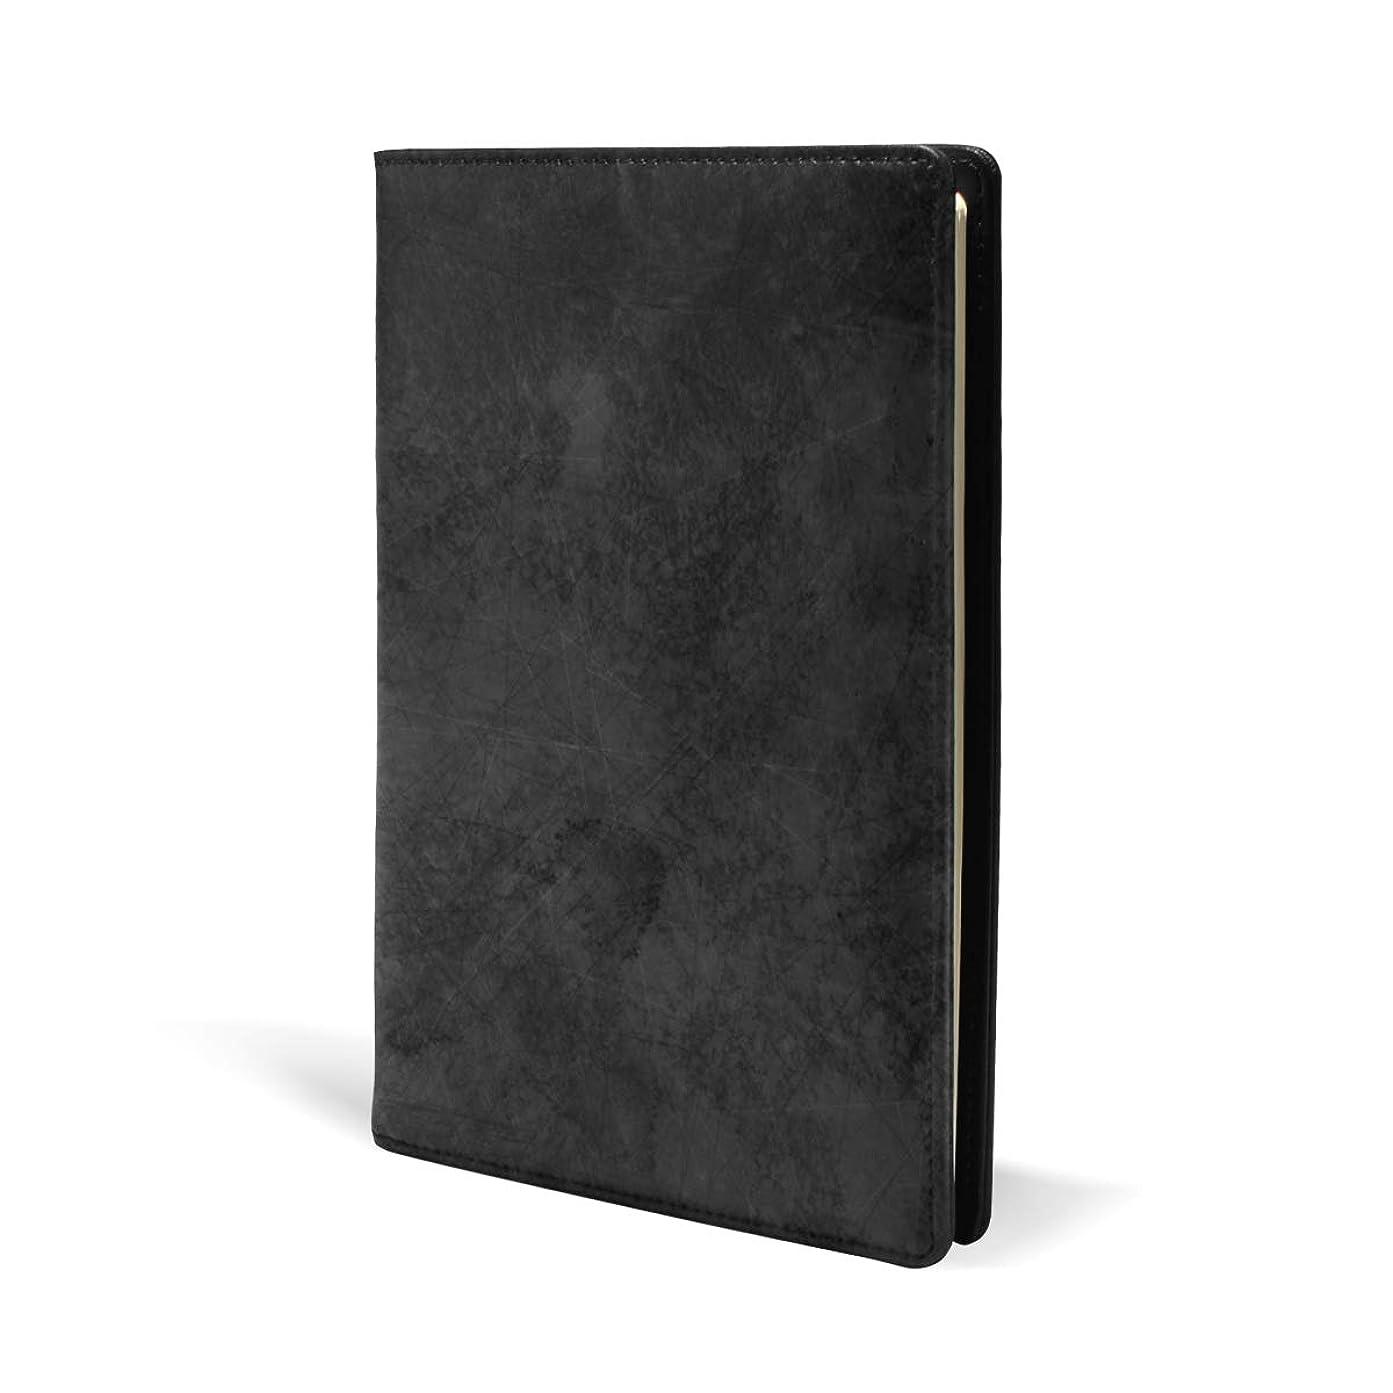 付属品できれば同情ブックカバー a5 黒い きれい かわいい 文庫 PUレザー ファイル オフィス用品 読書 文庫判 資料 日記 収納入れ 高級感 耐久性 雑貨 プレゼント 機能性 耐久性 軽量